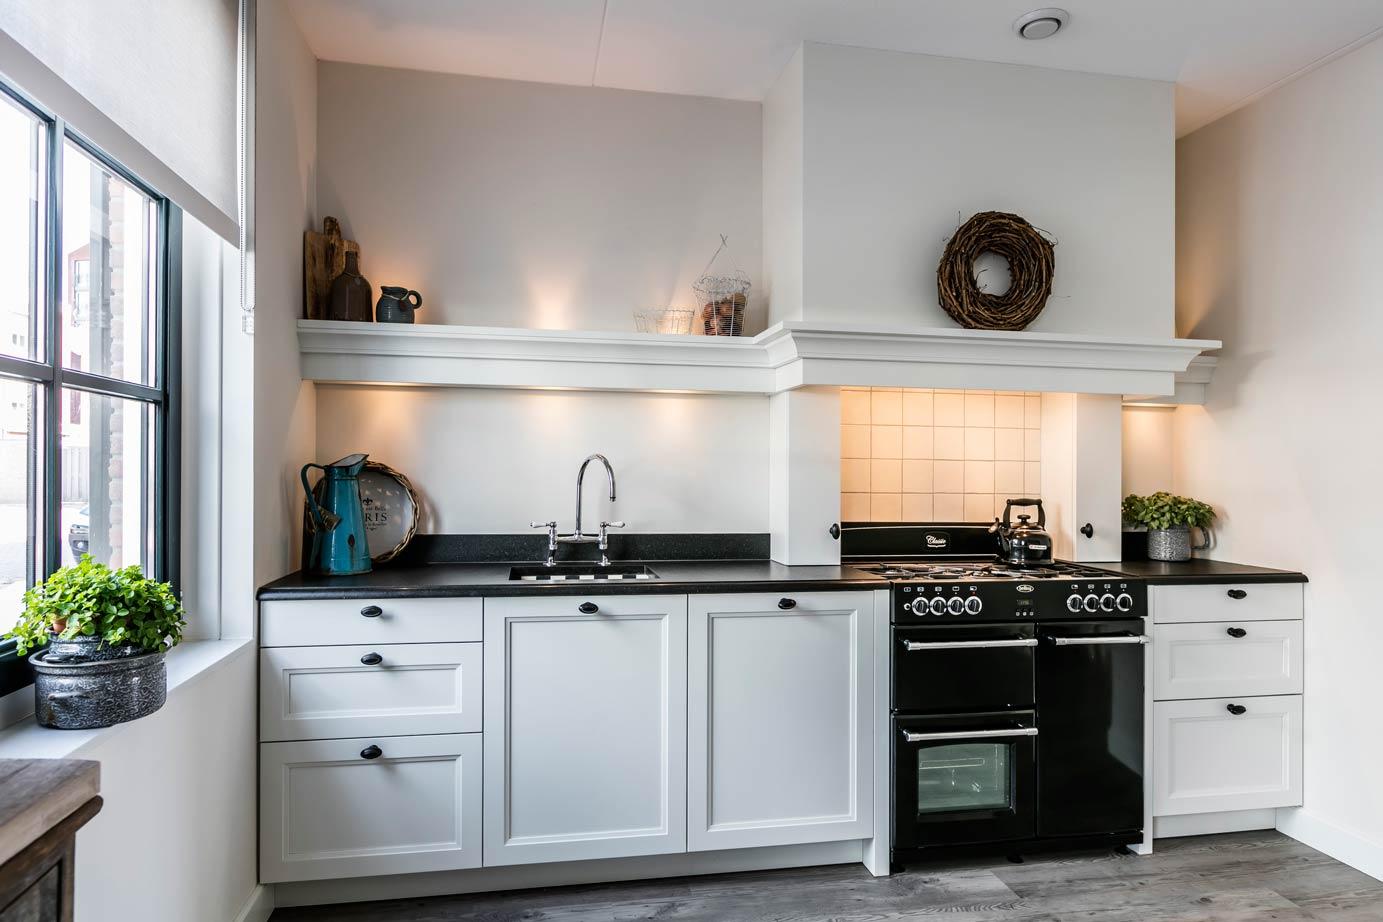 Landelijk Kleuren Keuken : Landelijke keukens kopen bekijk voorbeelden db keukens